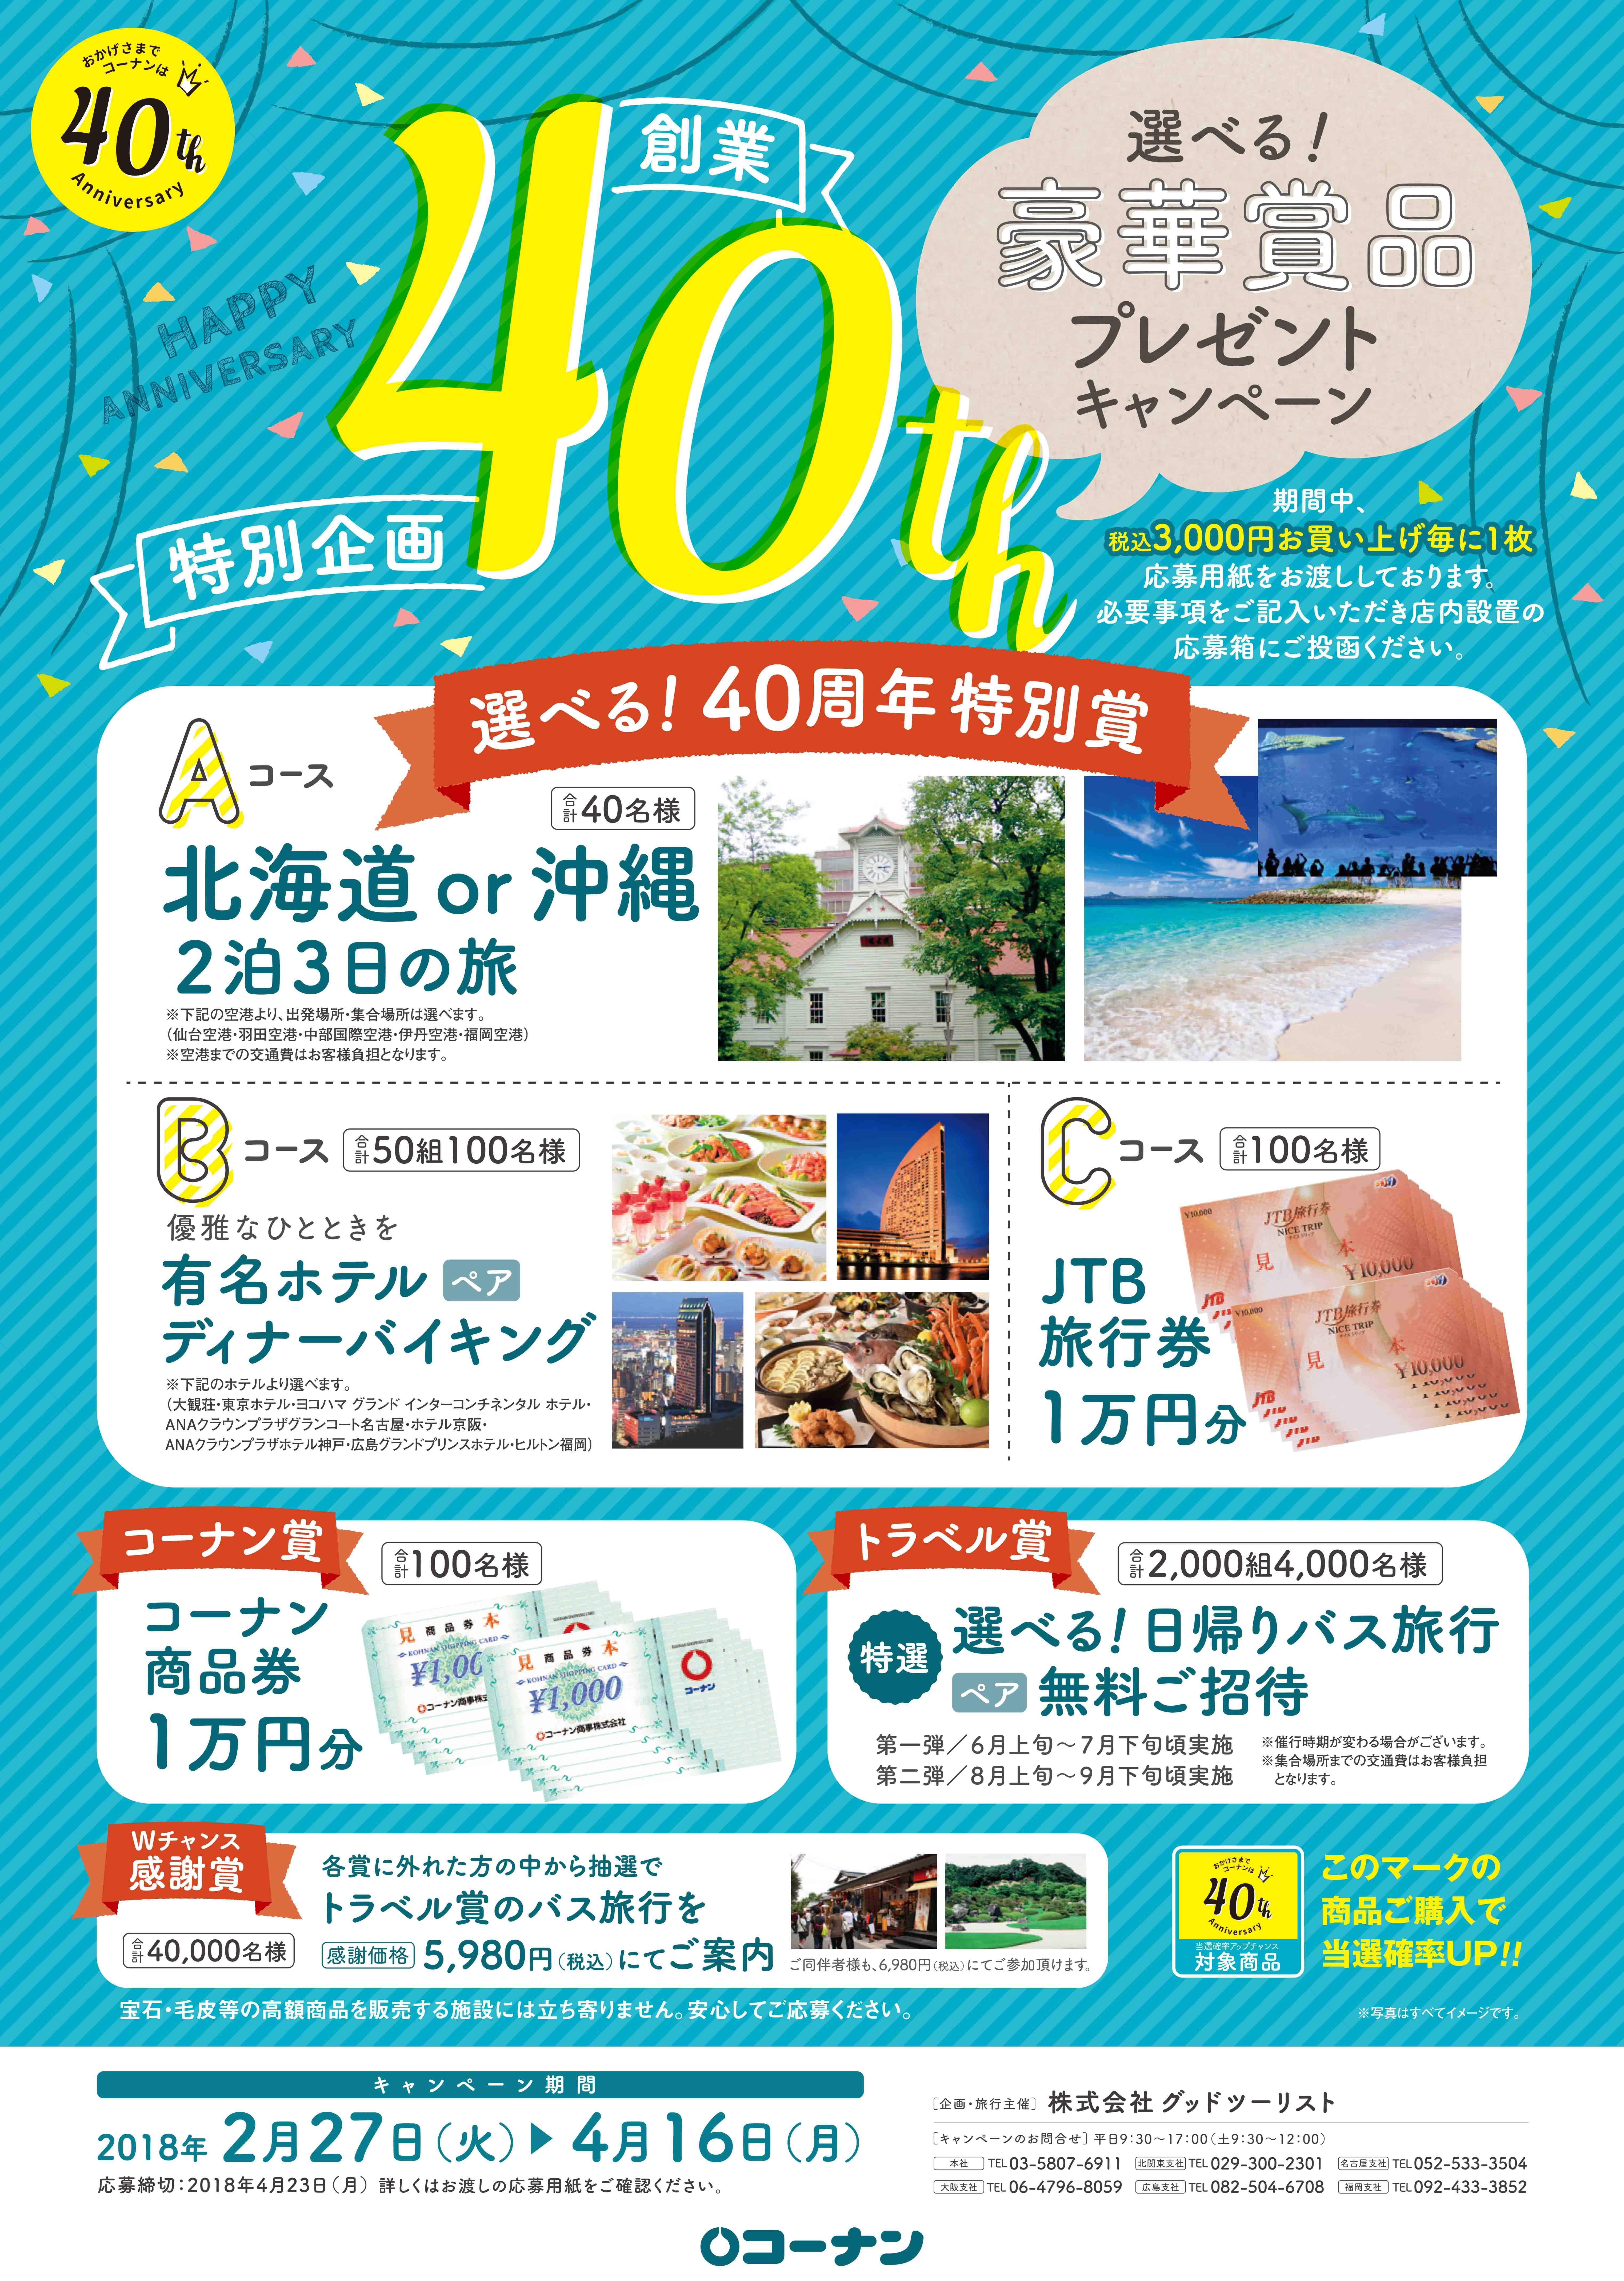 【コーナン商事株式会社様】コーナン 創業40周年特別企画 実施中